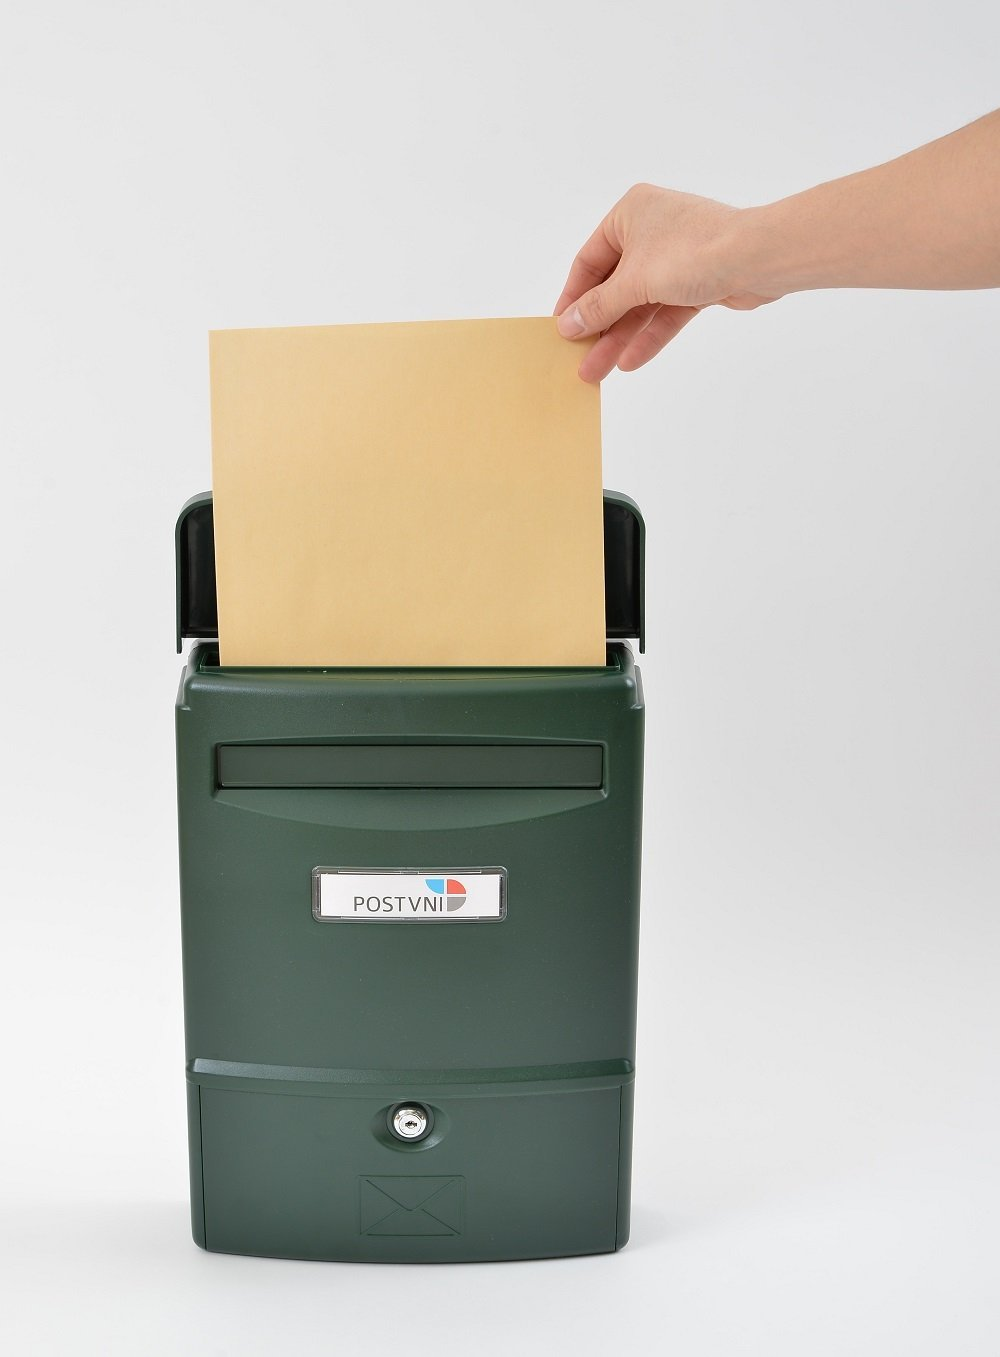 郵便ポスト・メールボックスのおすすめ10選!セキュリティ対策も